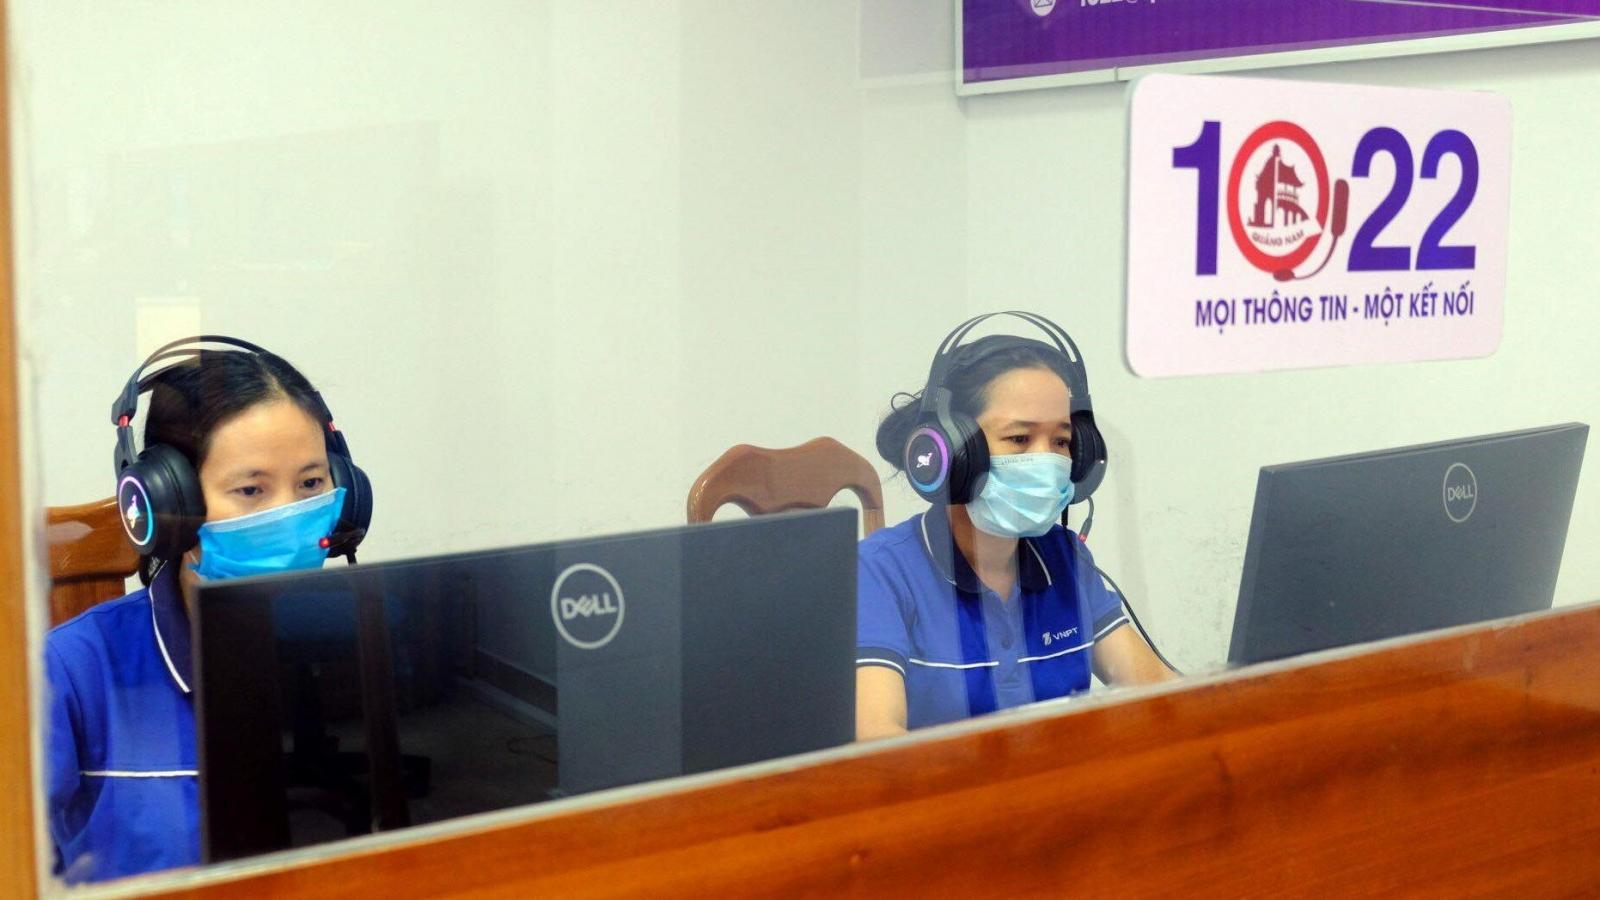 Hà Nội công bố Tổng đài hỗ trợ người dân liên quan đến phòng, chống dịch Covid-19